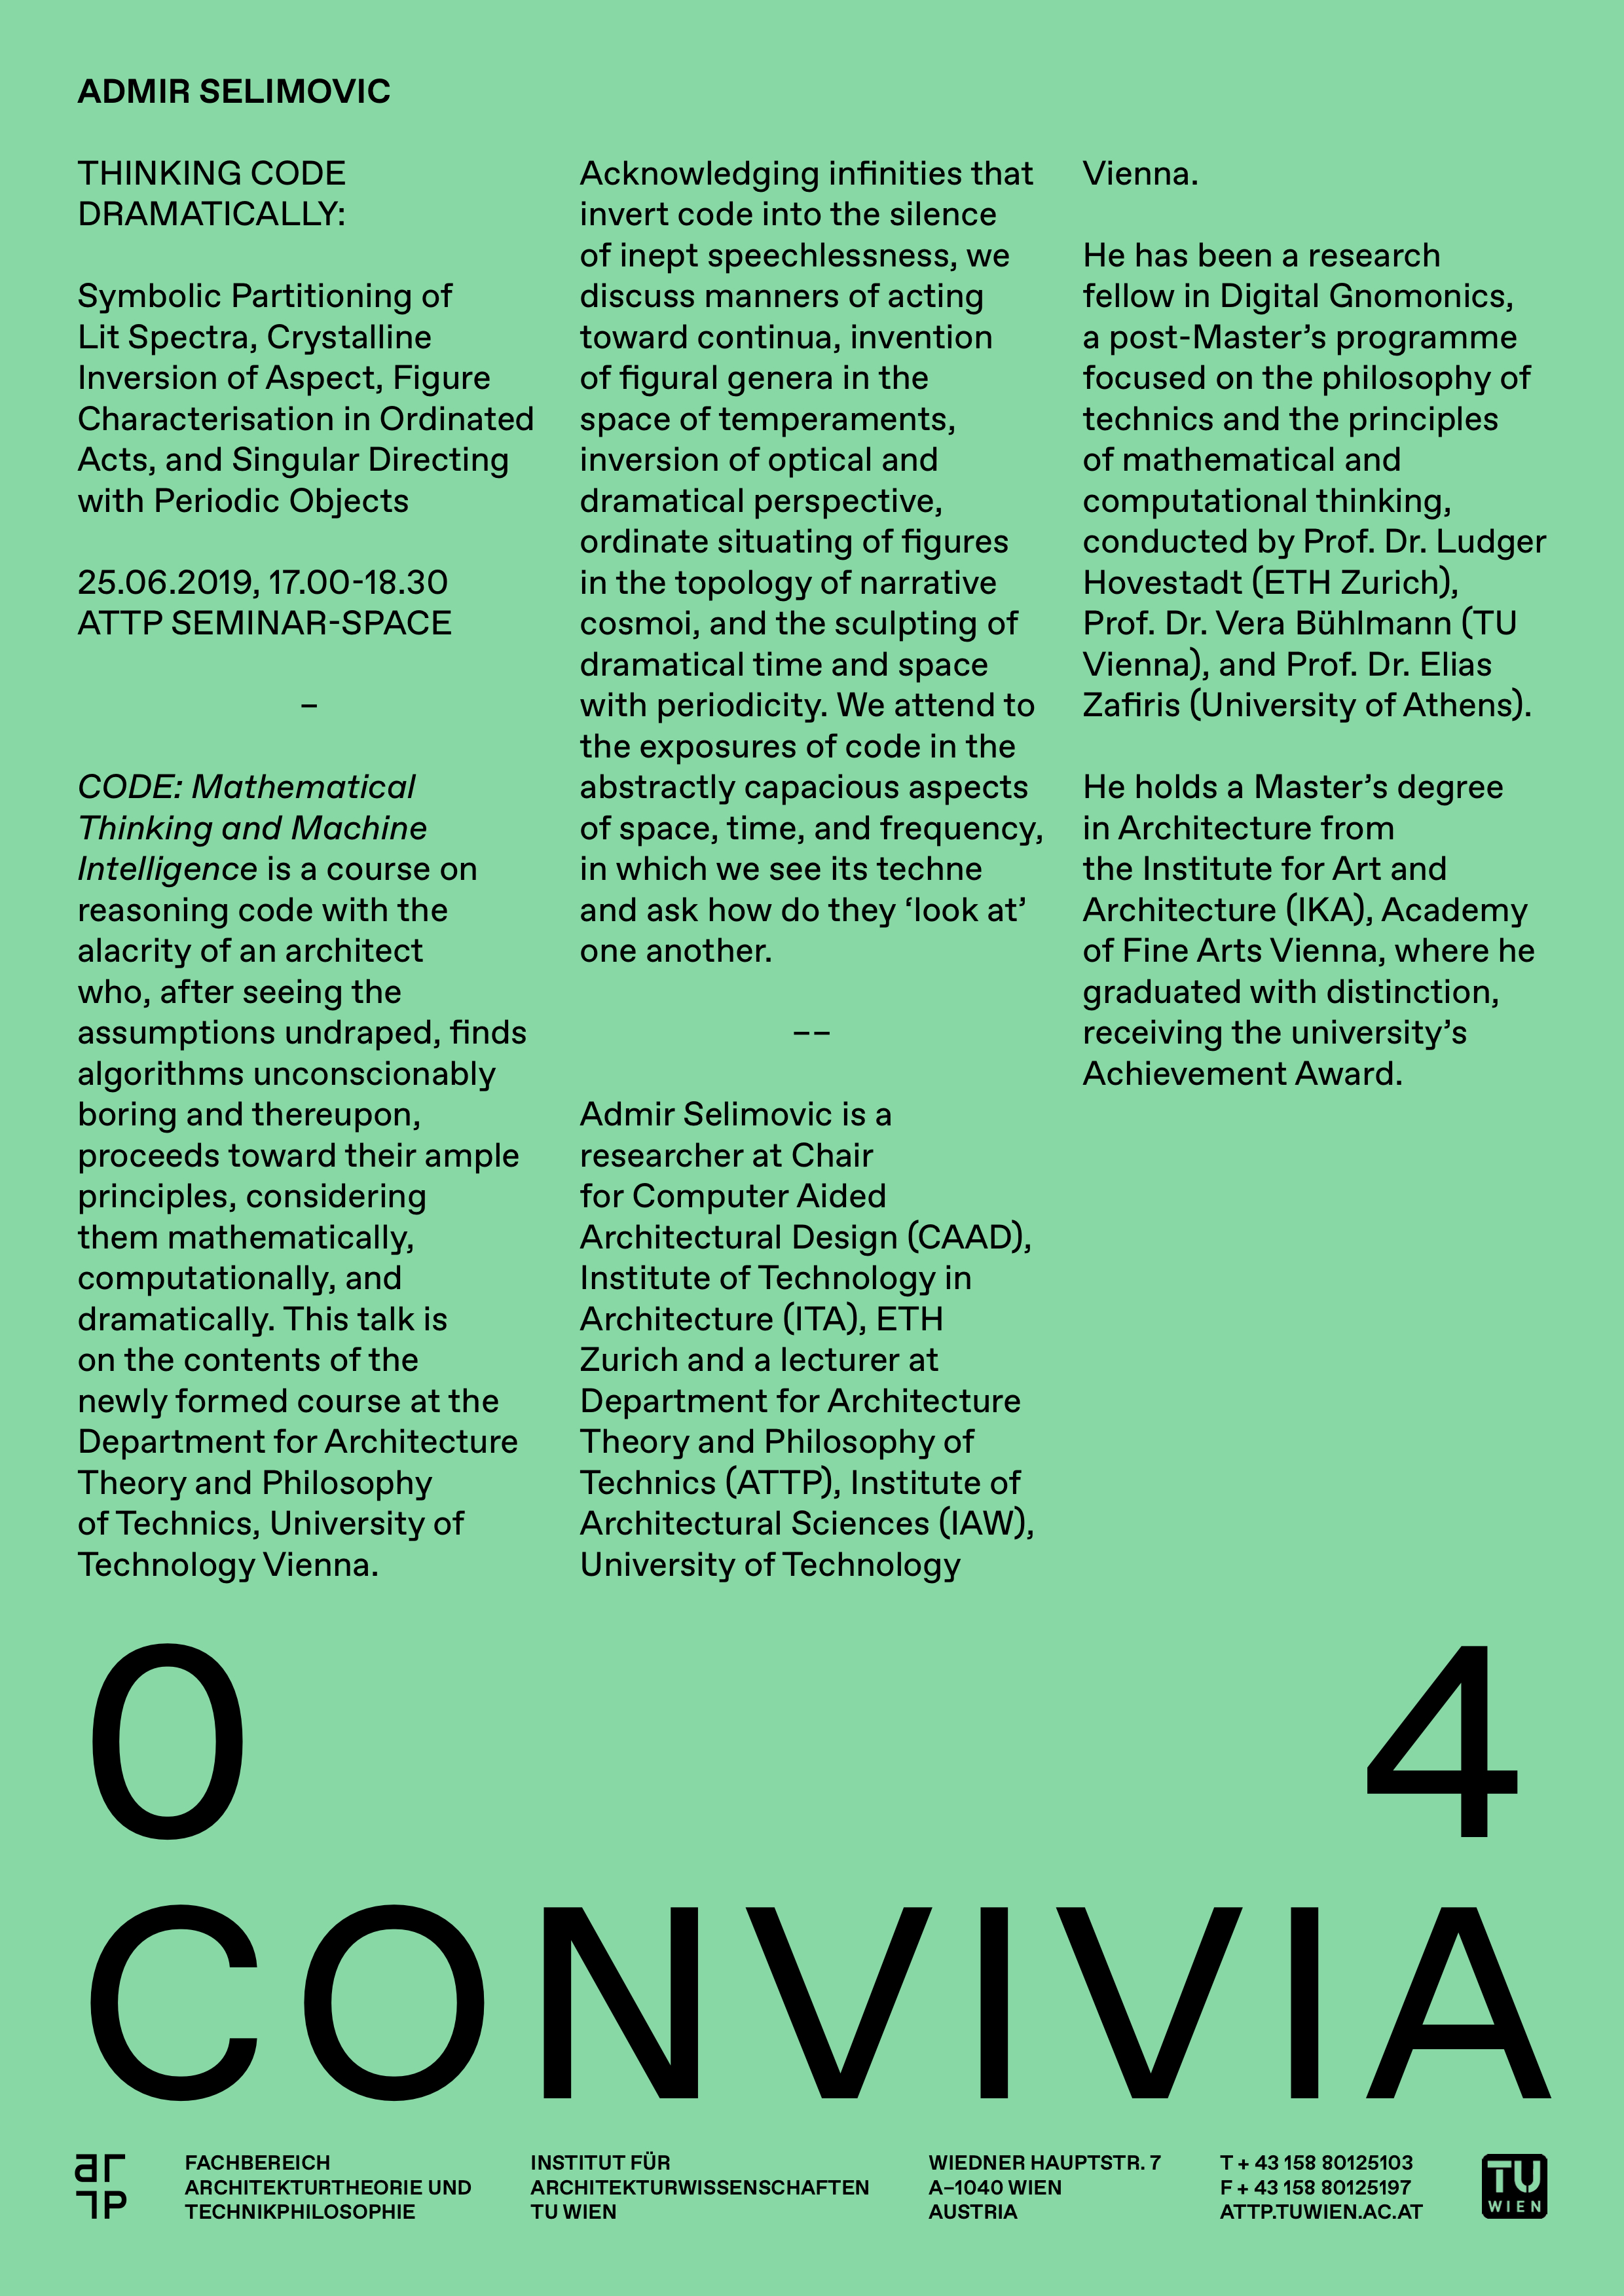 CONVIVIA_04-poster.jpg